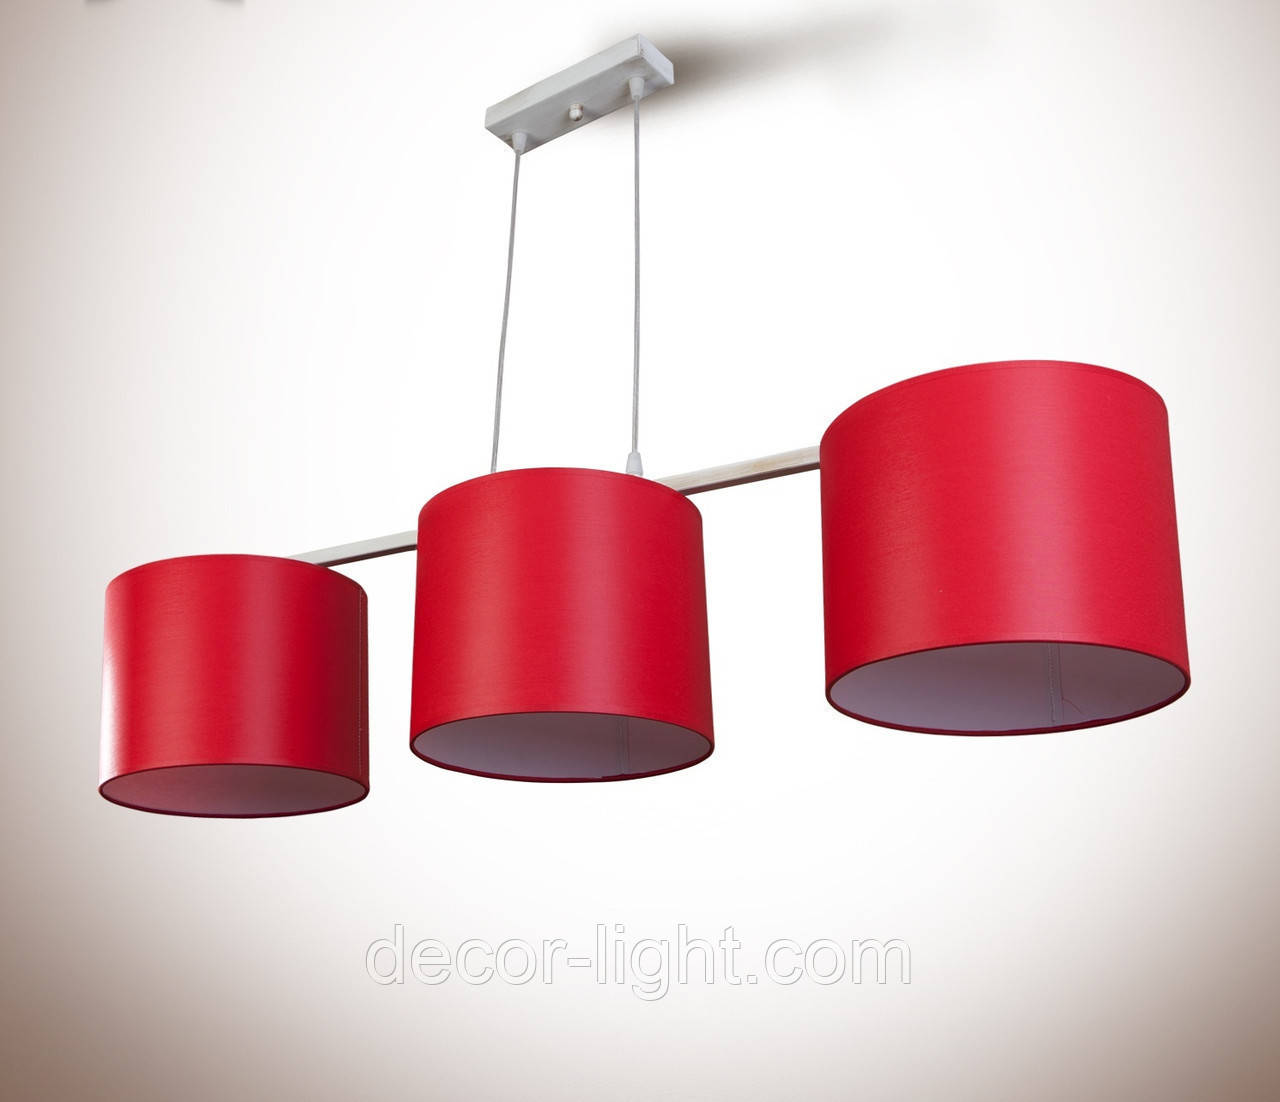 Люстра 3-х ламповая, металлическая для спальни, кухни, детской 19333-10